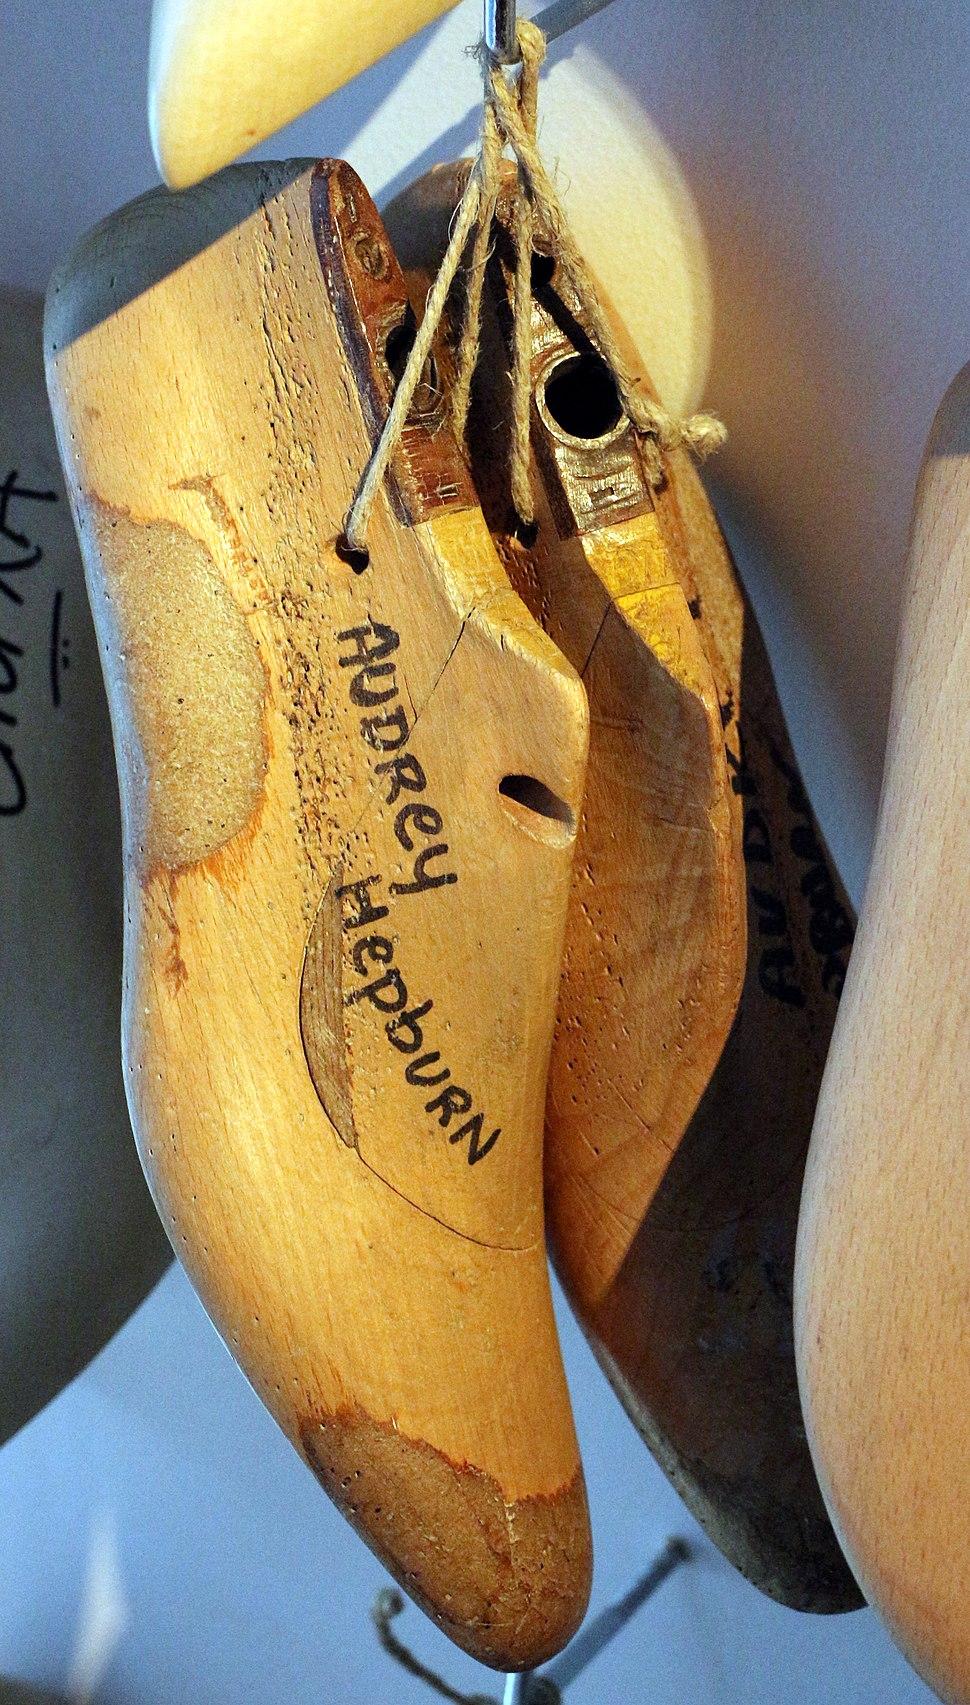 Museo ferragamo, modello in legno per calzature su misura di audrey hepburn